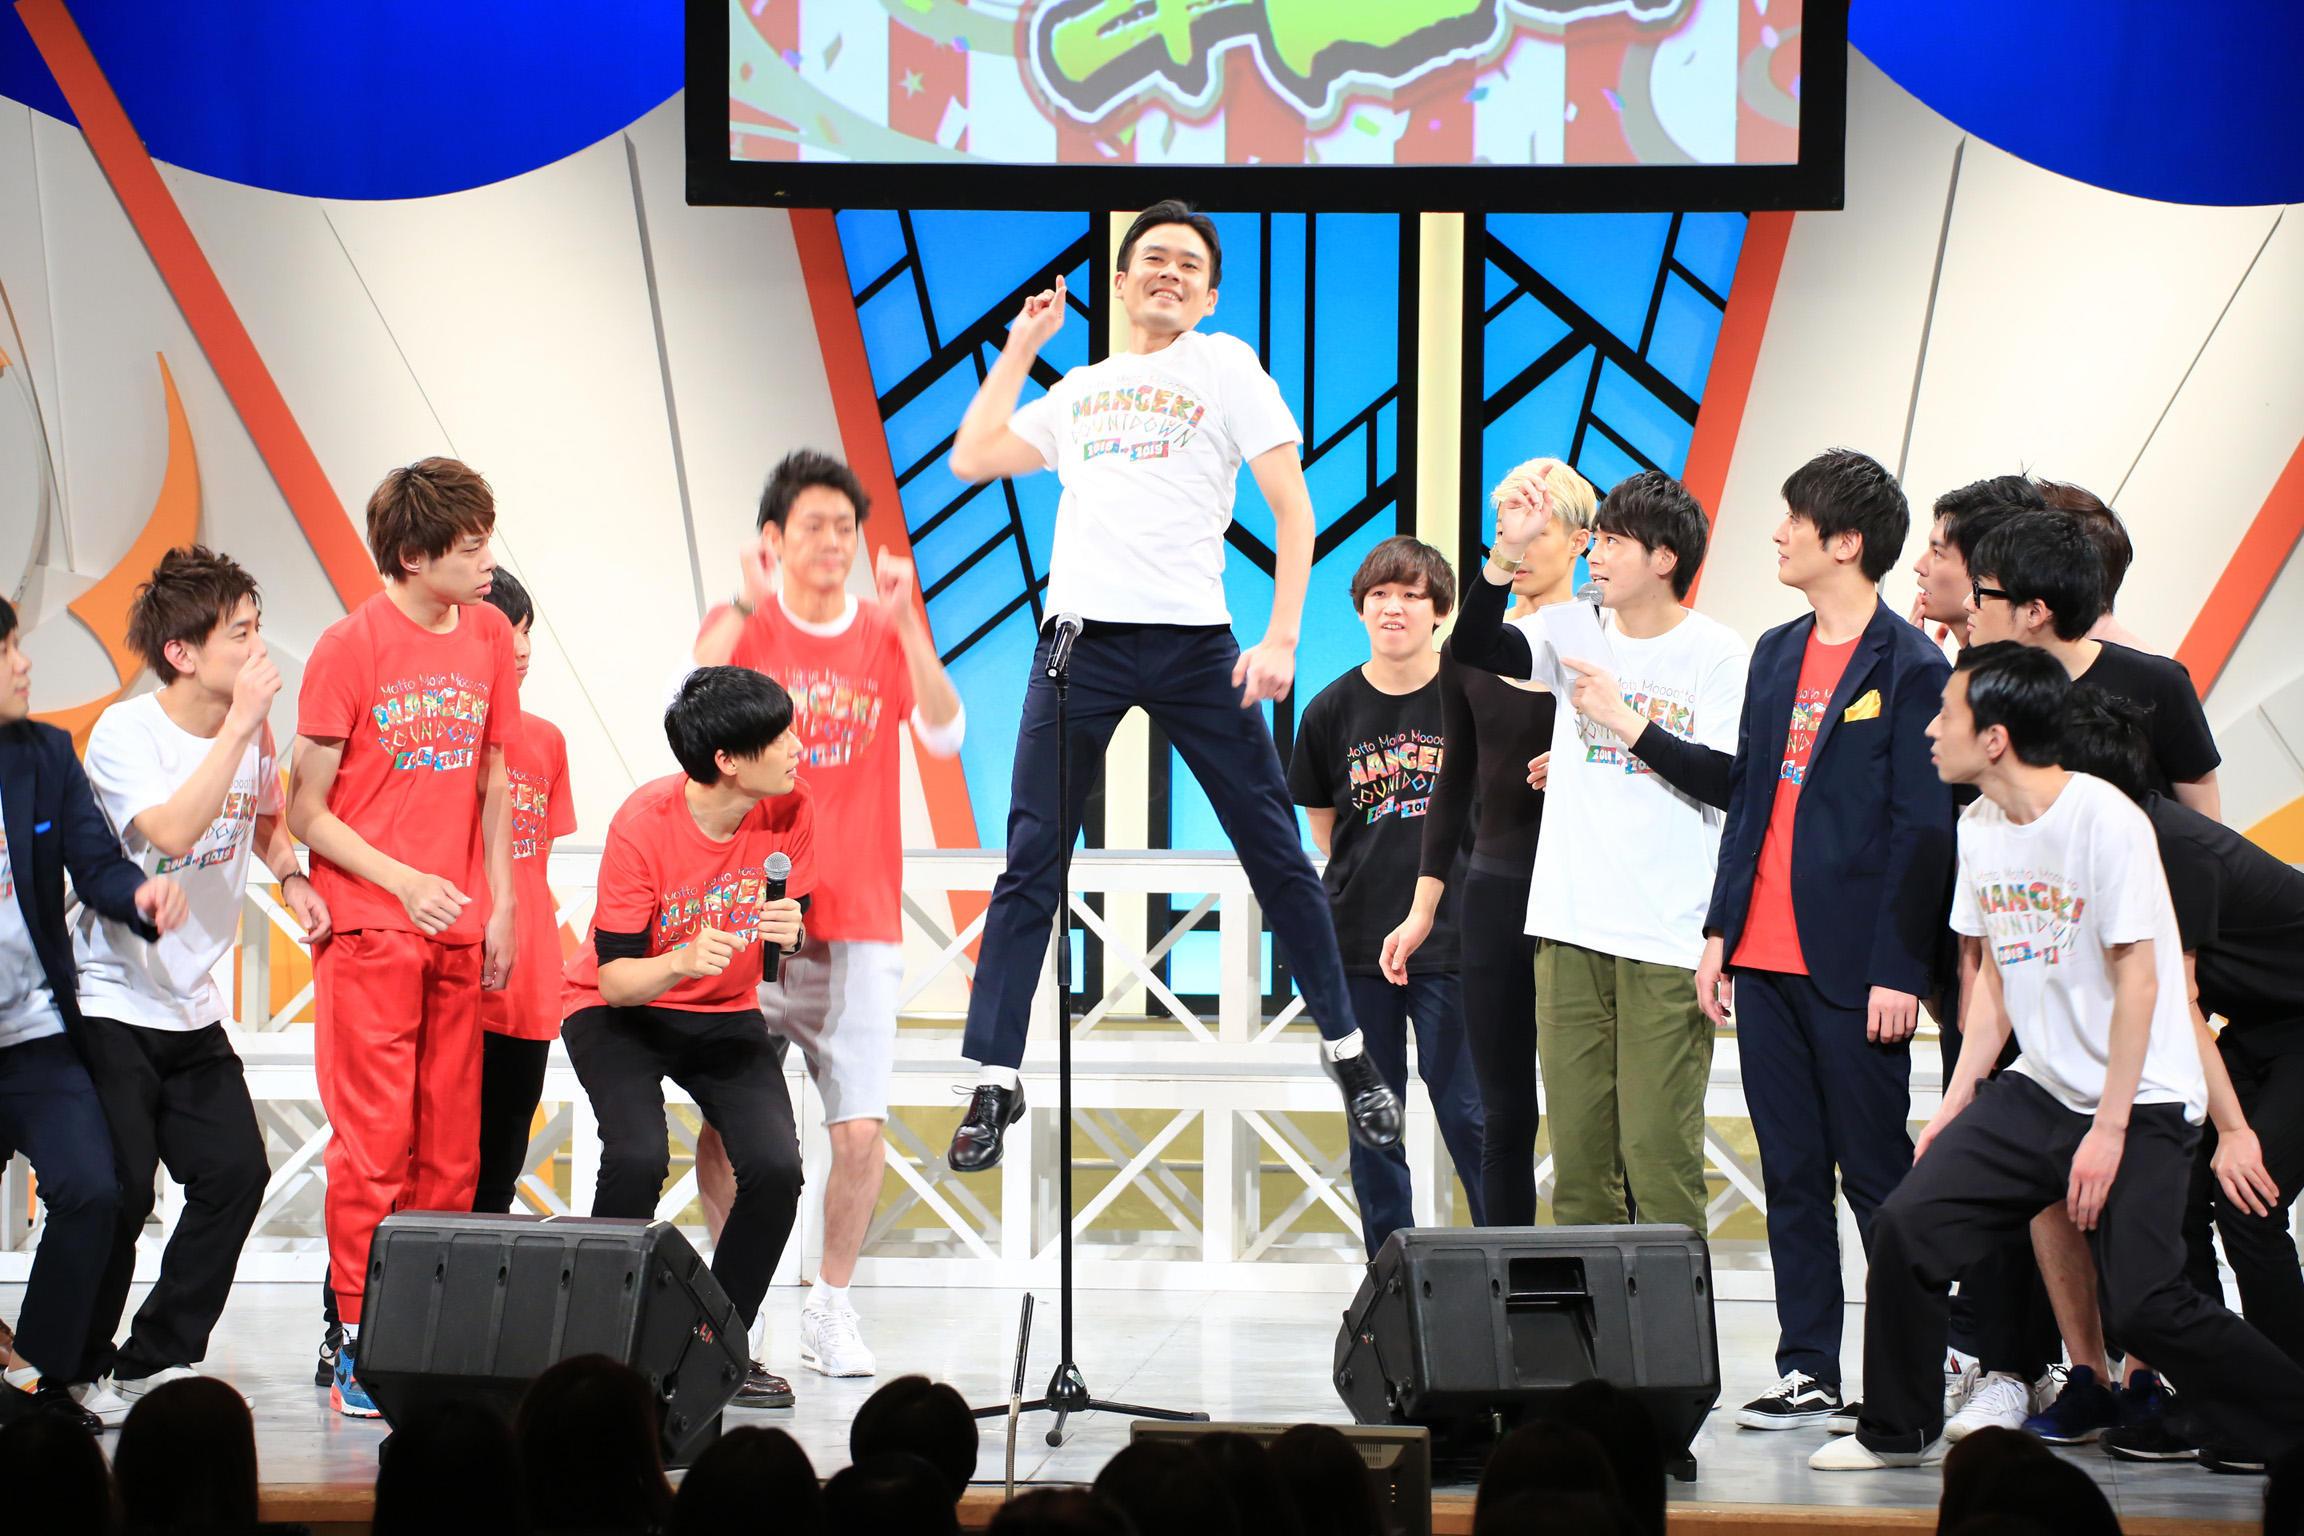 http://news.yoshimoto.co.jp/20190101111130-1857878efb41010adb51d2cd8e3341f2f764d8ea.jpg